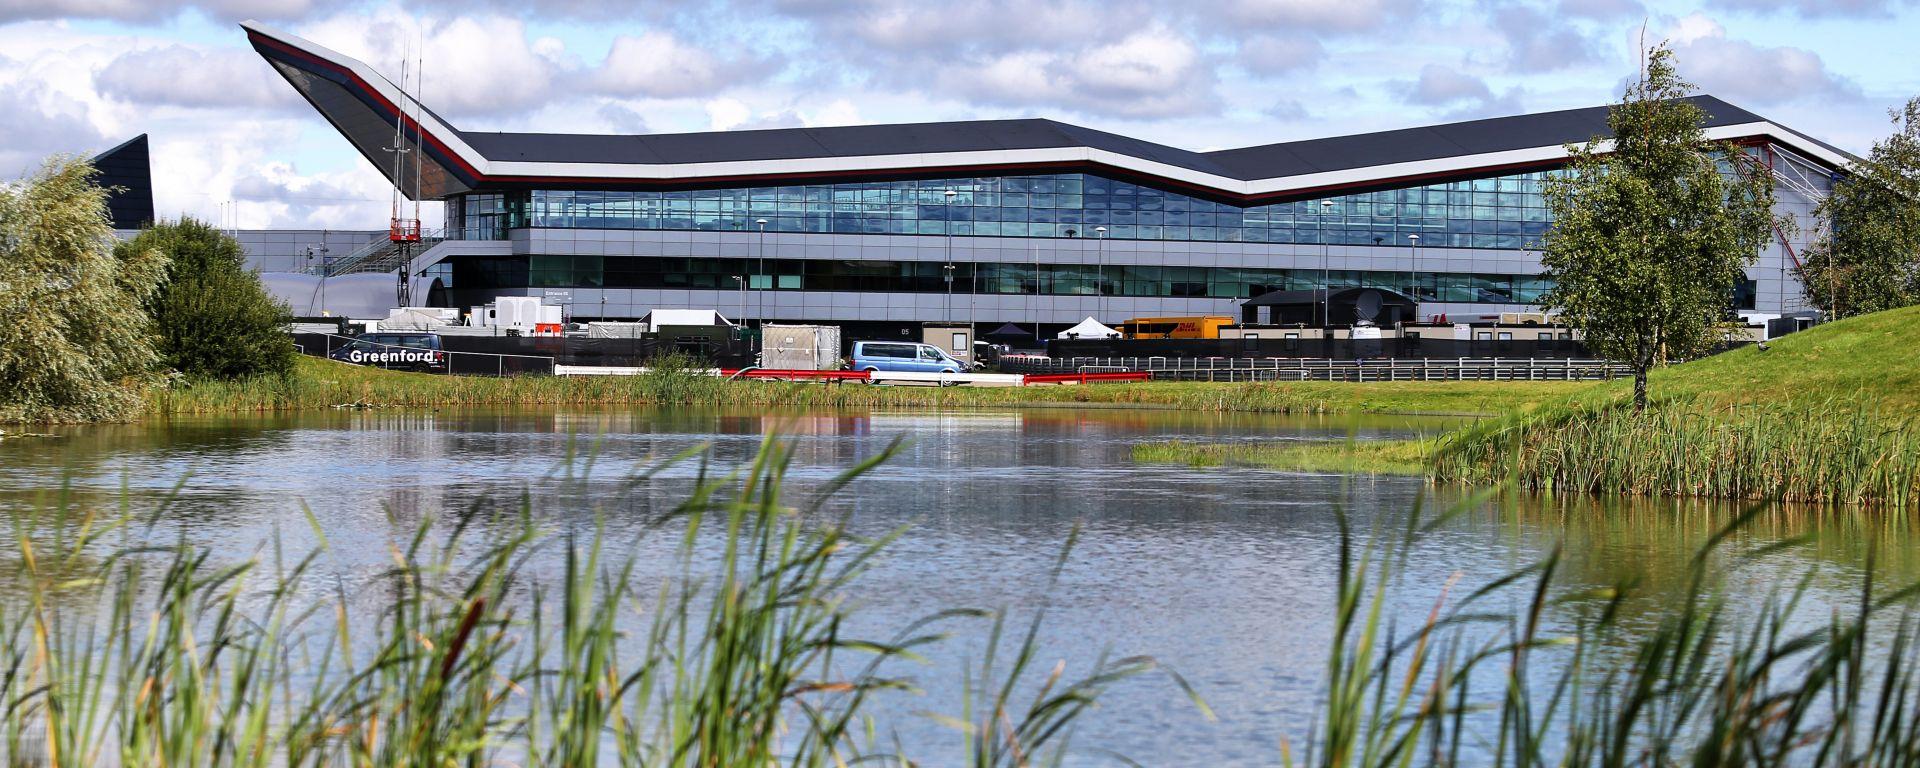 GP 70° Anniversario F1, Silverstone: Atmosfera dal circuito